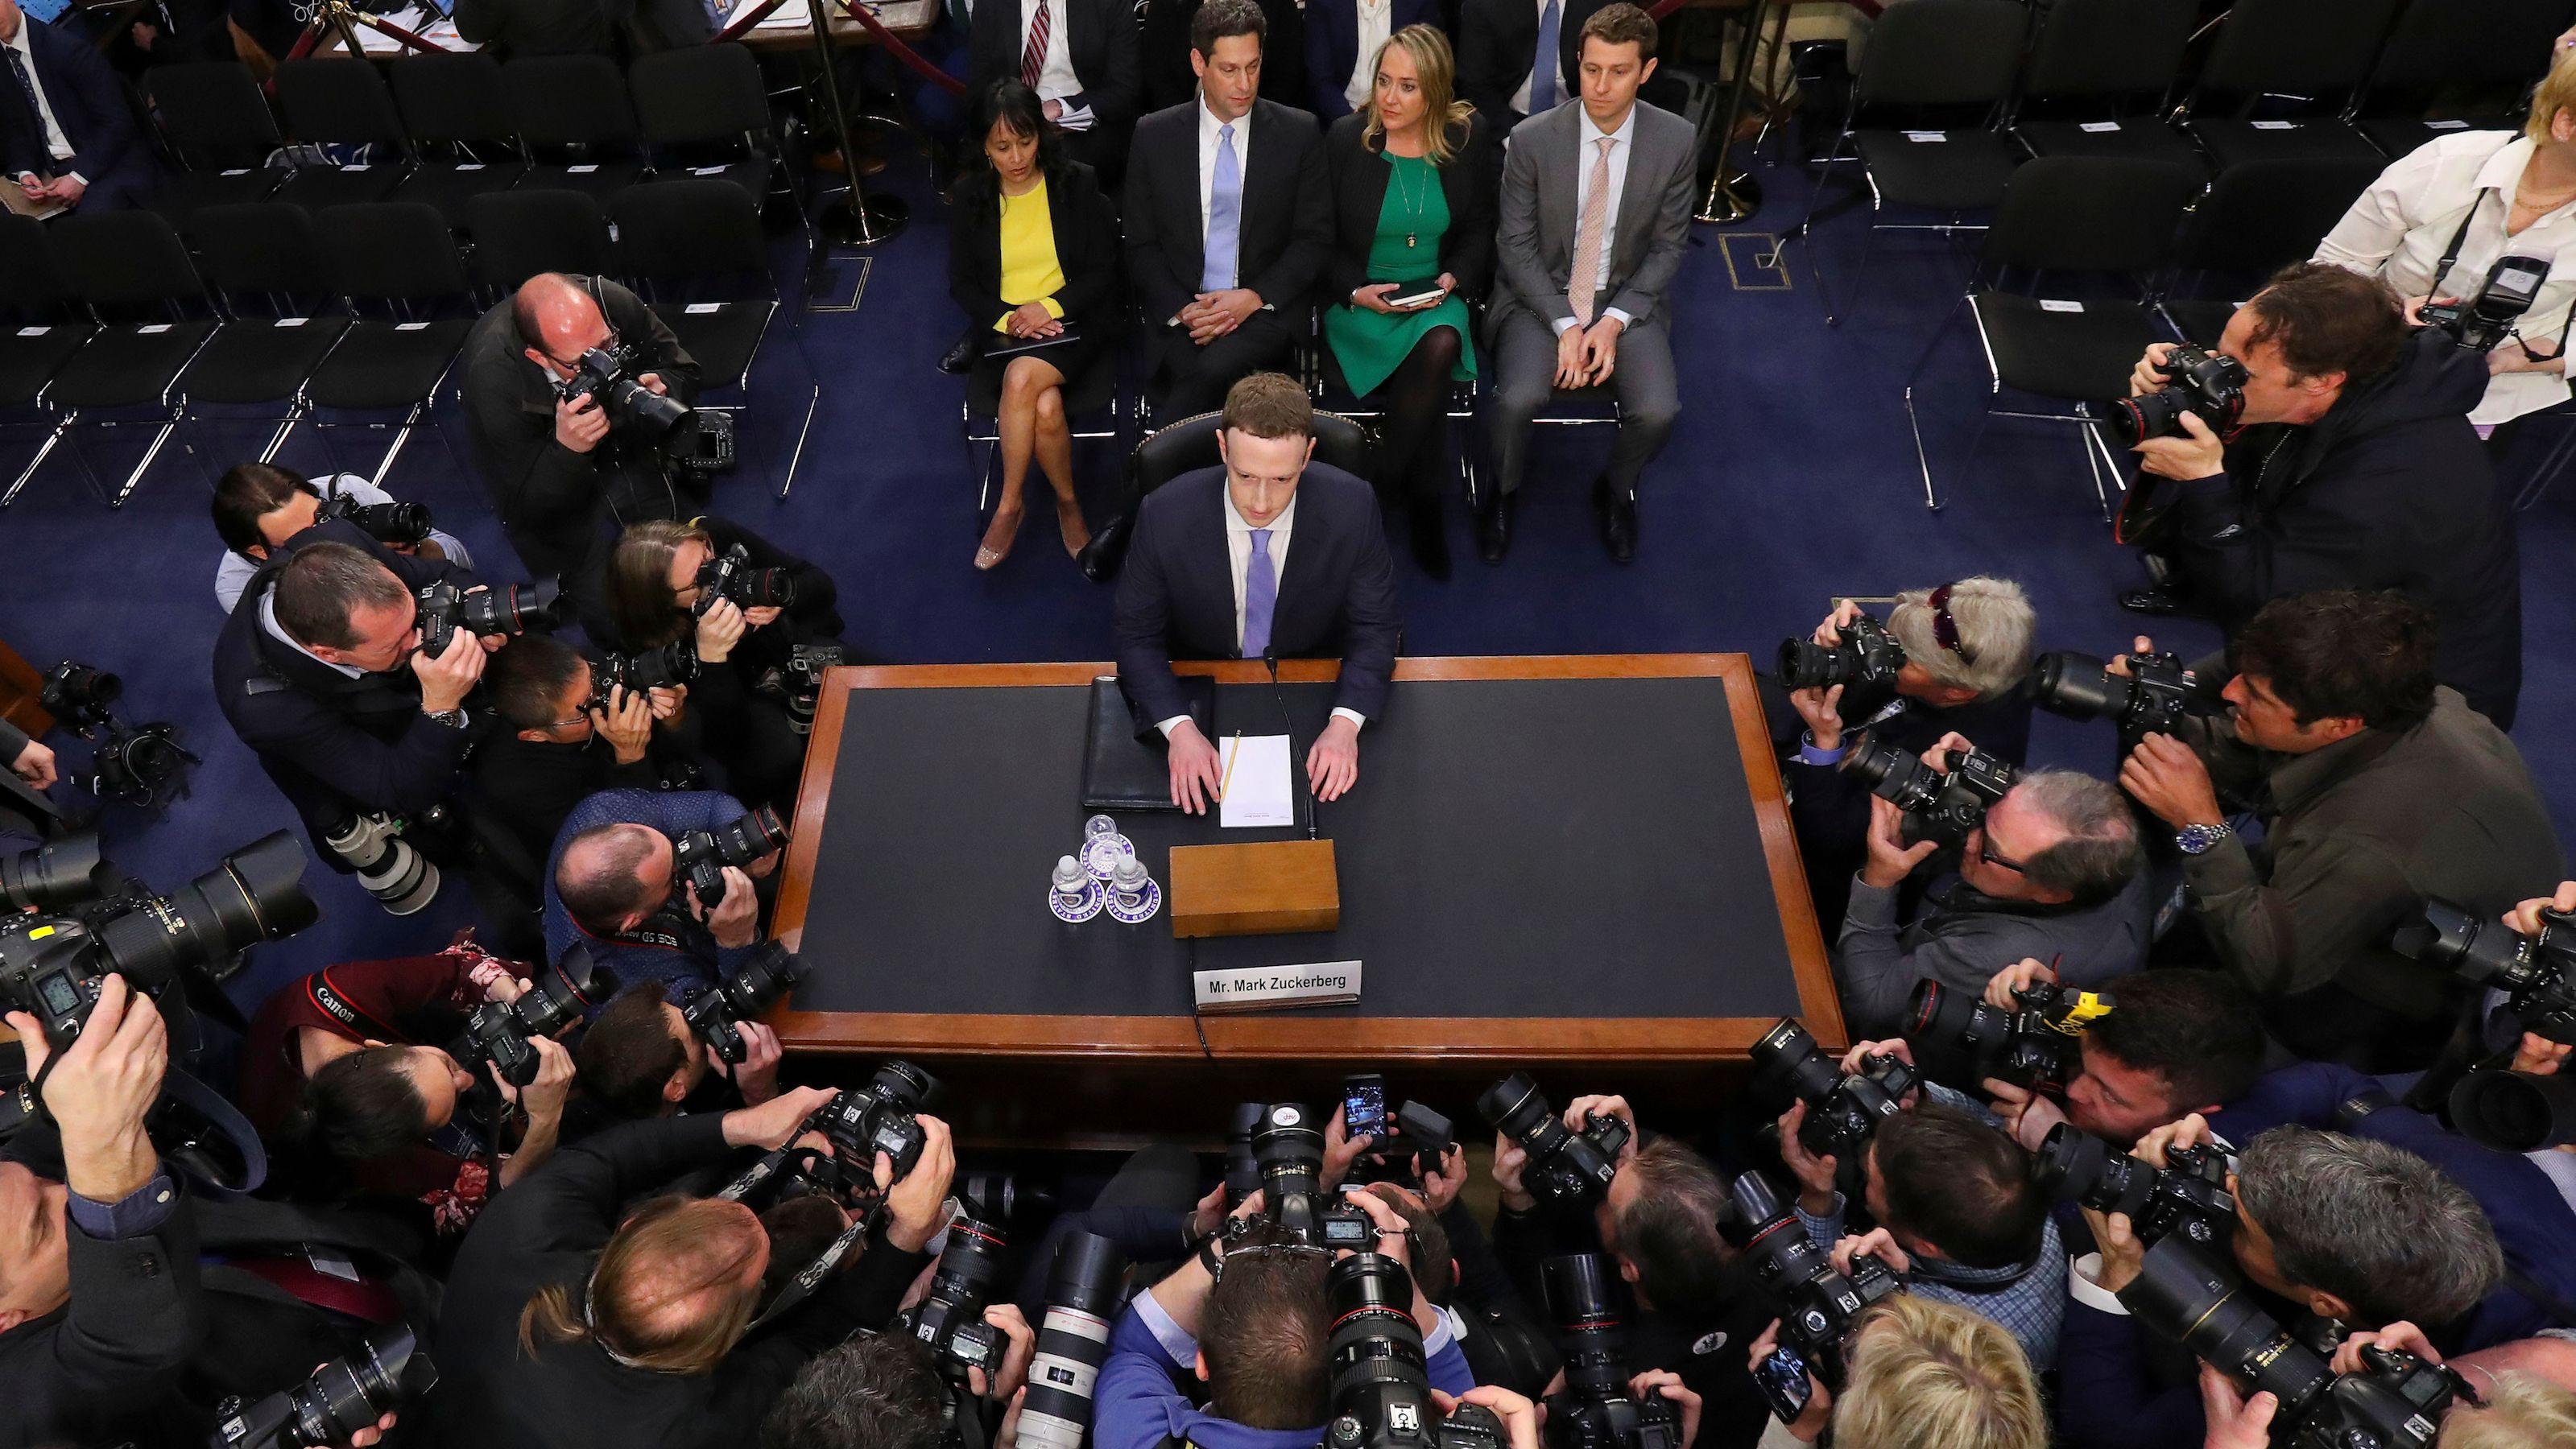 Zuckerberg ascoltato dal Senato: com'è andata